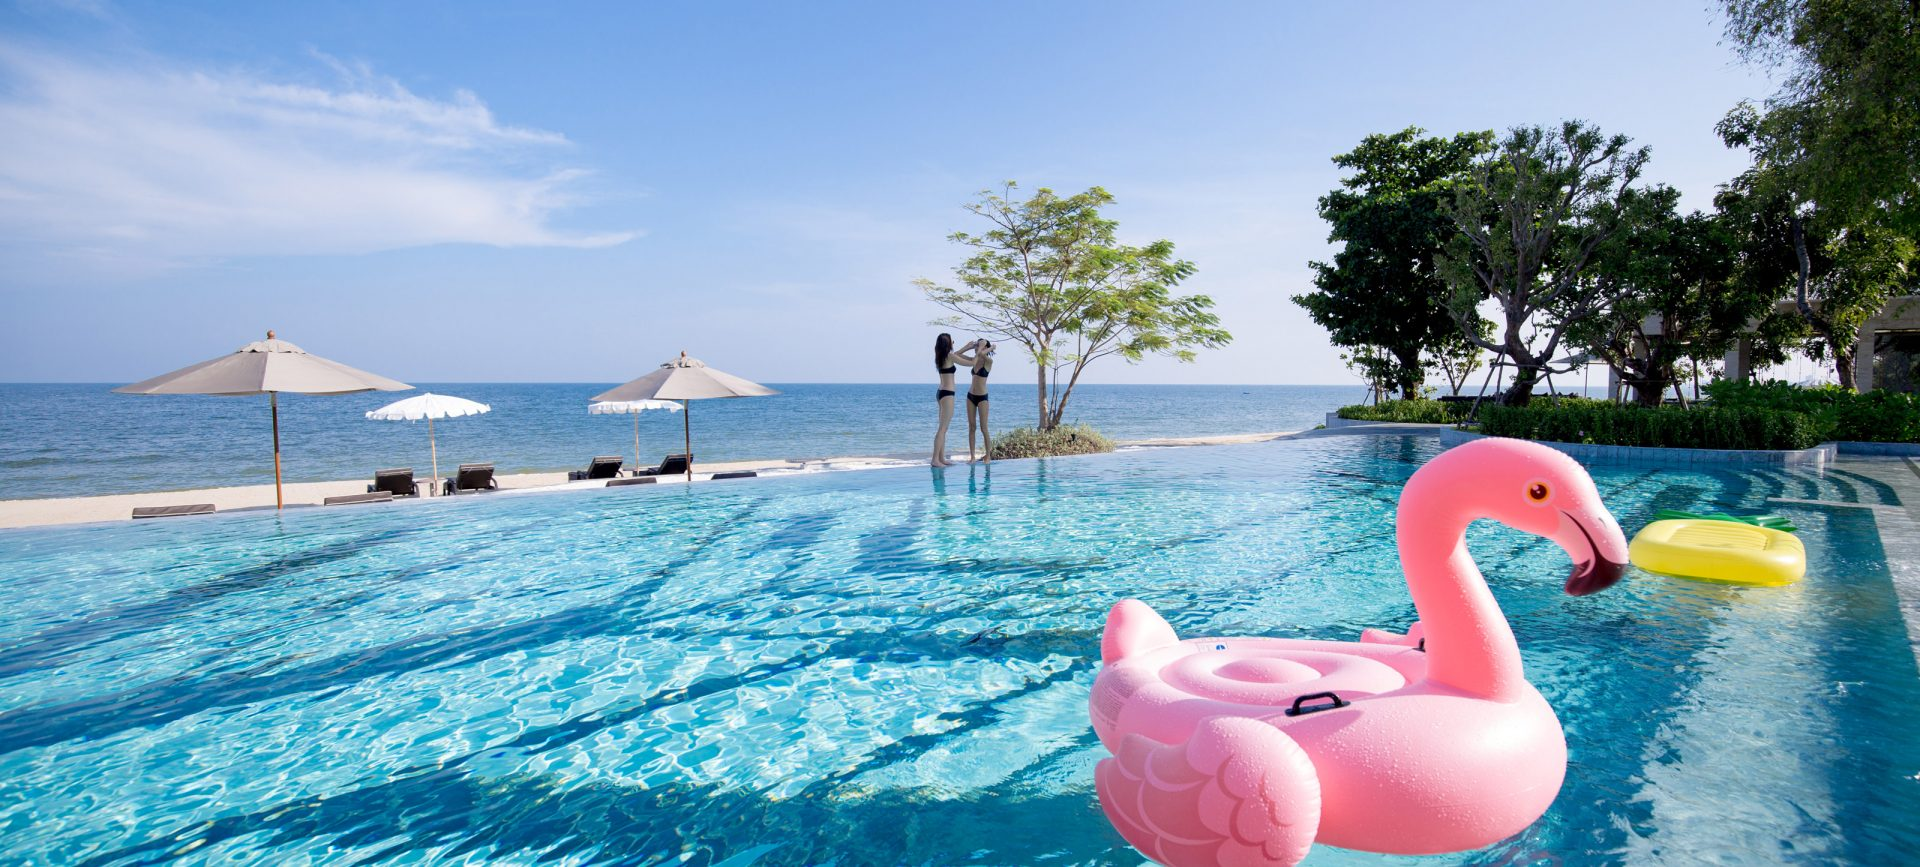 Thailand Family Holidays